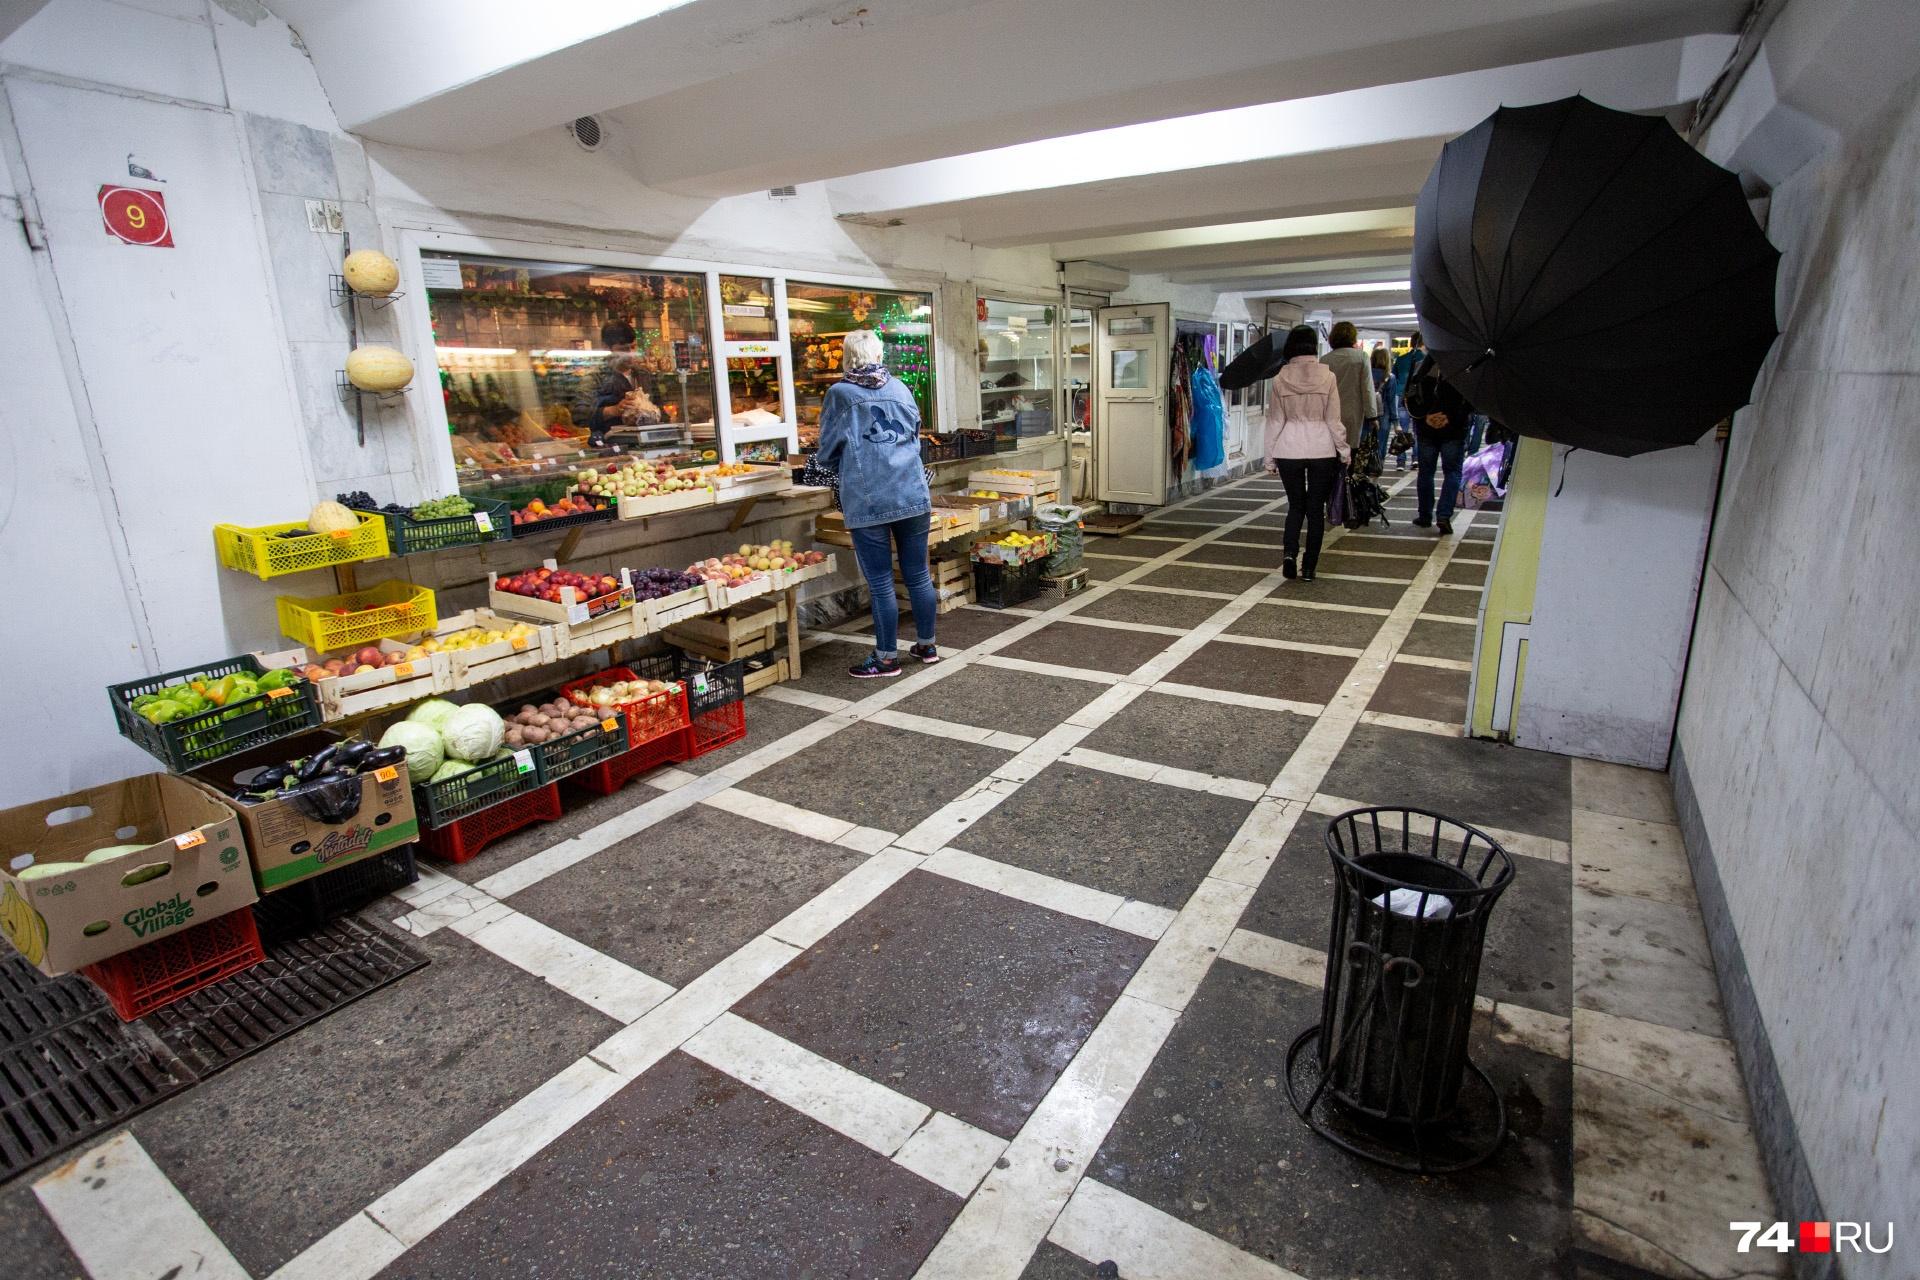 За аренду такого киоска продавец овощей и фруктов каждый месяц отдаёт 17 тысяч рублей плюс сумму, которую ему насчитают за электричество